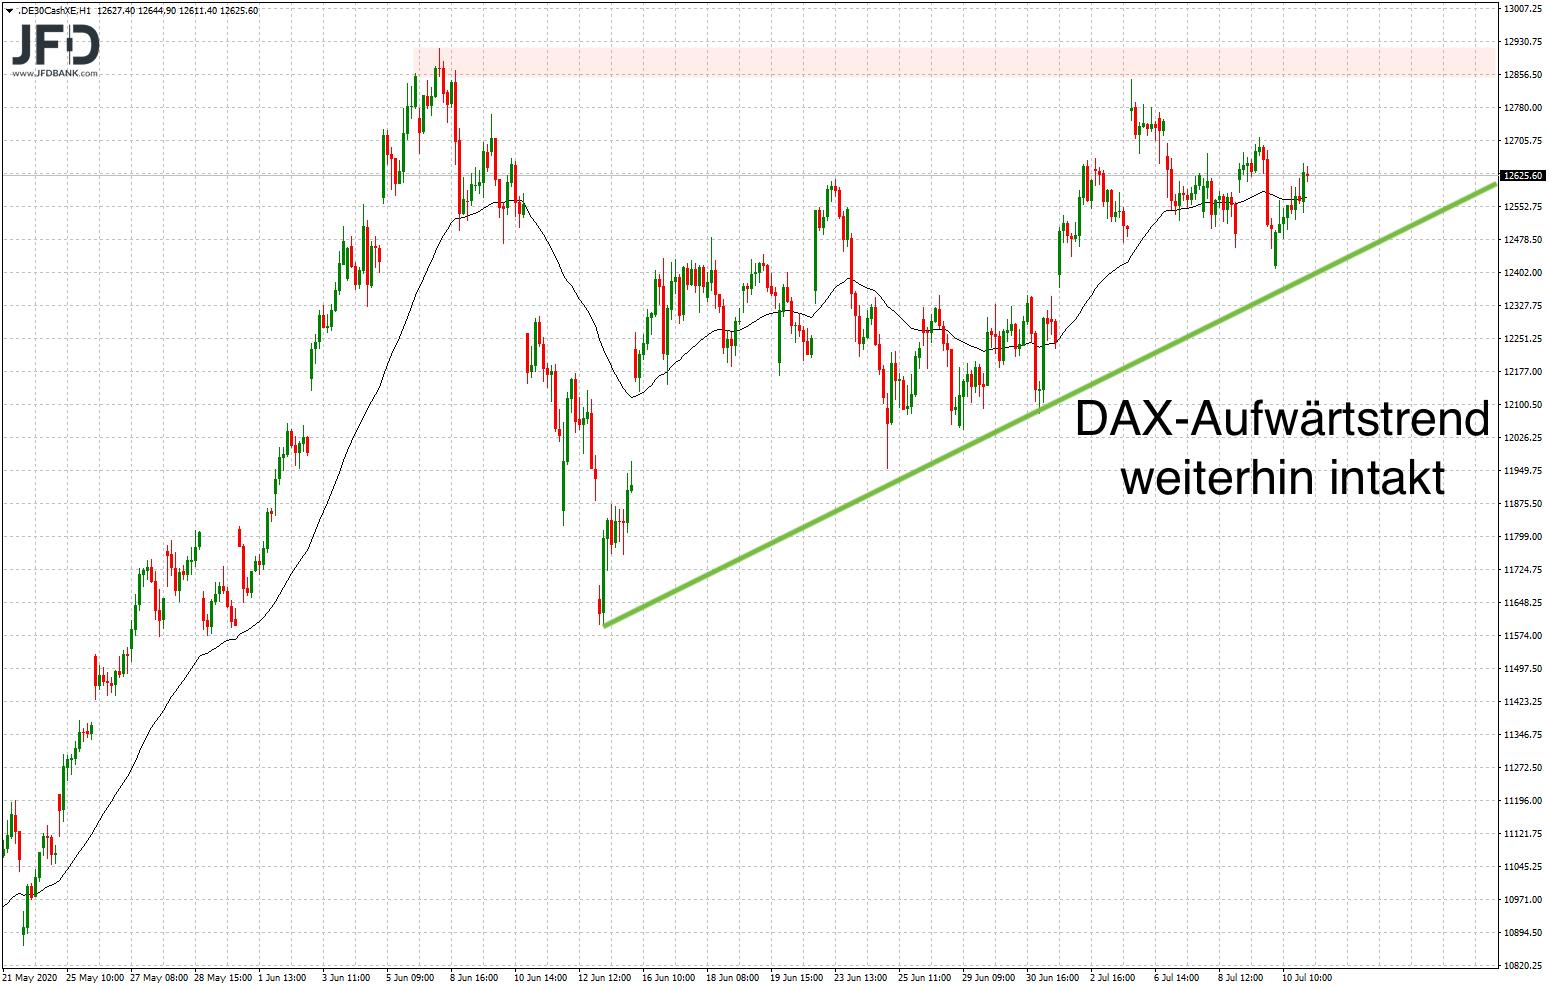 DAX-Aufwärtstrend weiter gegeben